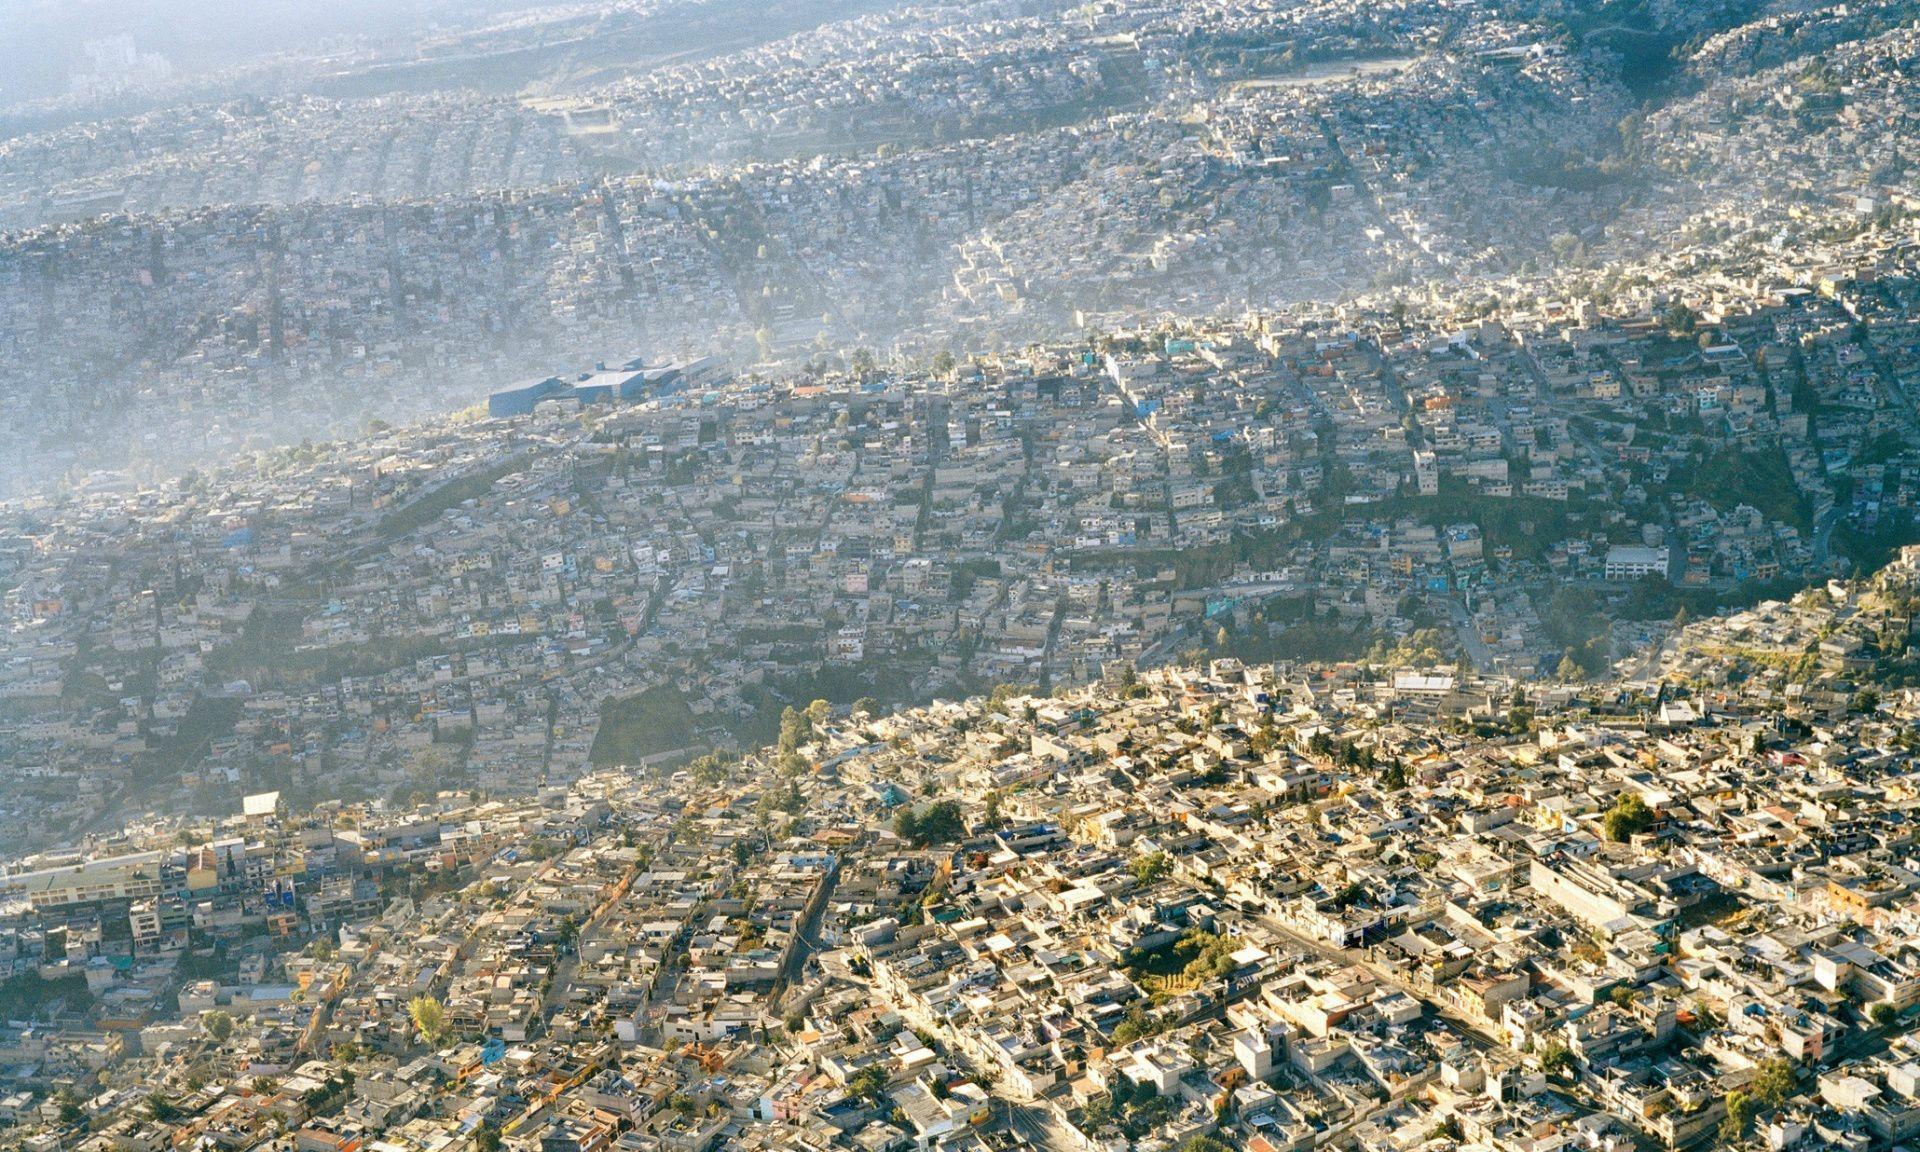 Mexico City Waves Of Humanity Photograph Pablo Lopez Luz City Landscape City Pictures